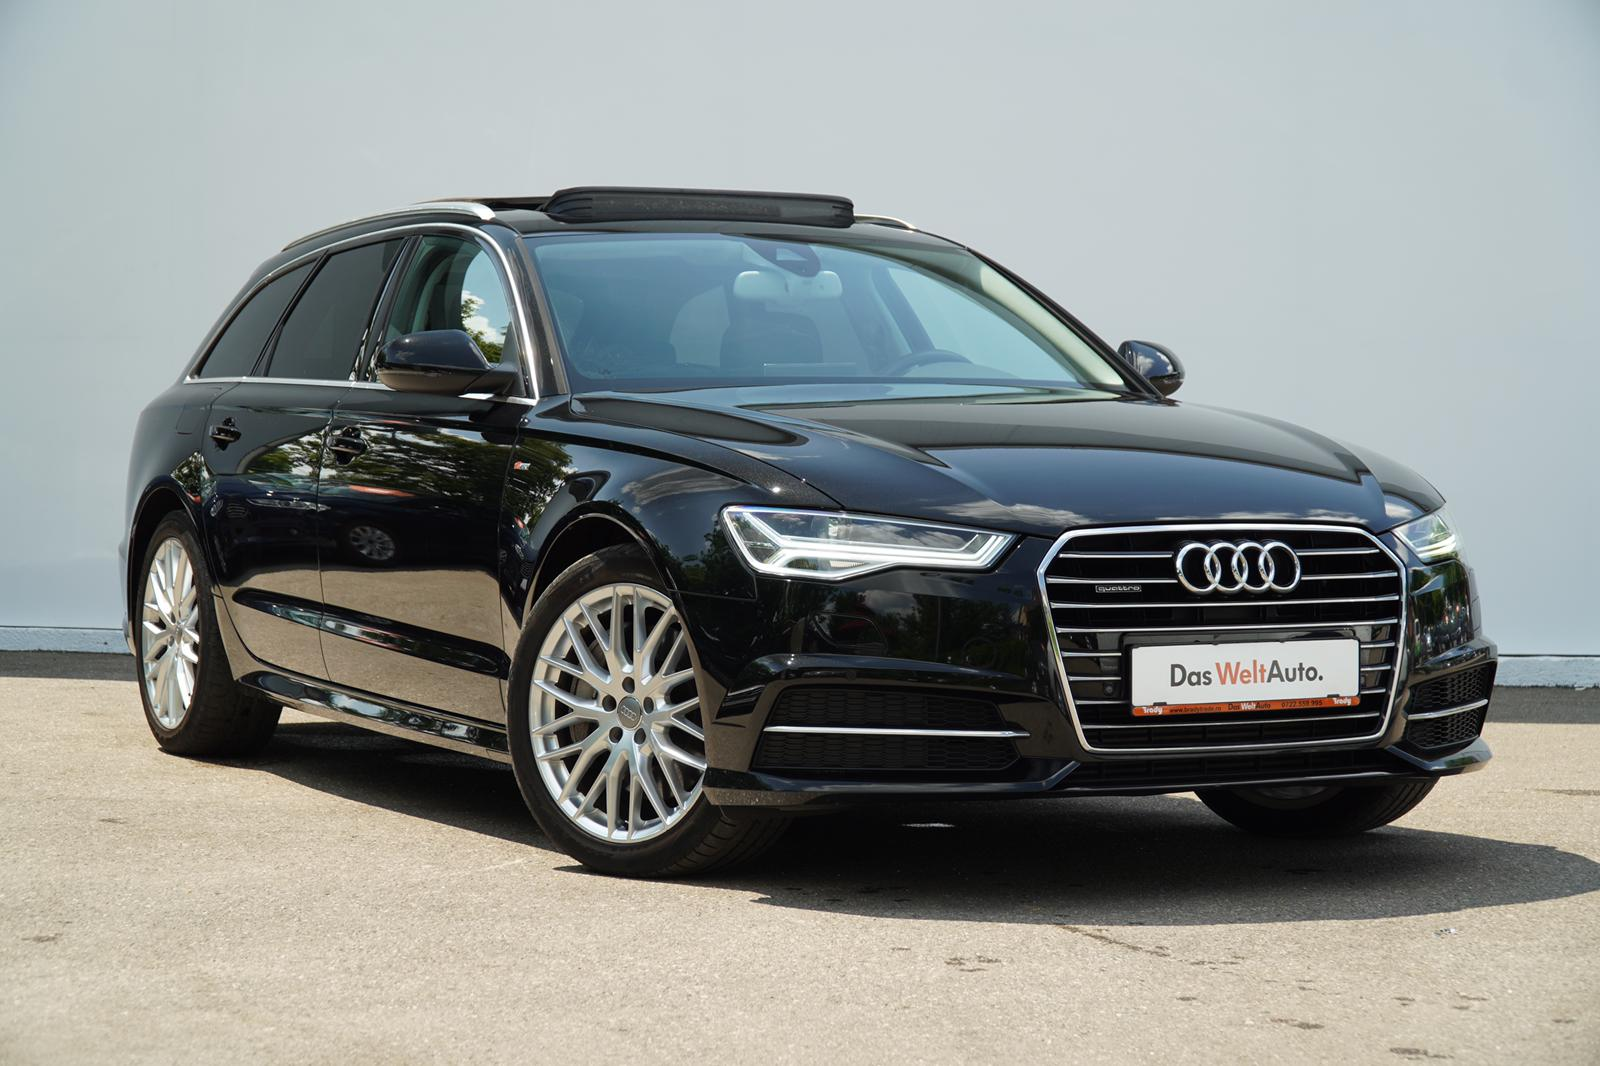 Audi A6 Avant 3.0TDI / 320CP